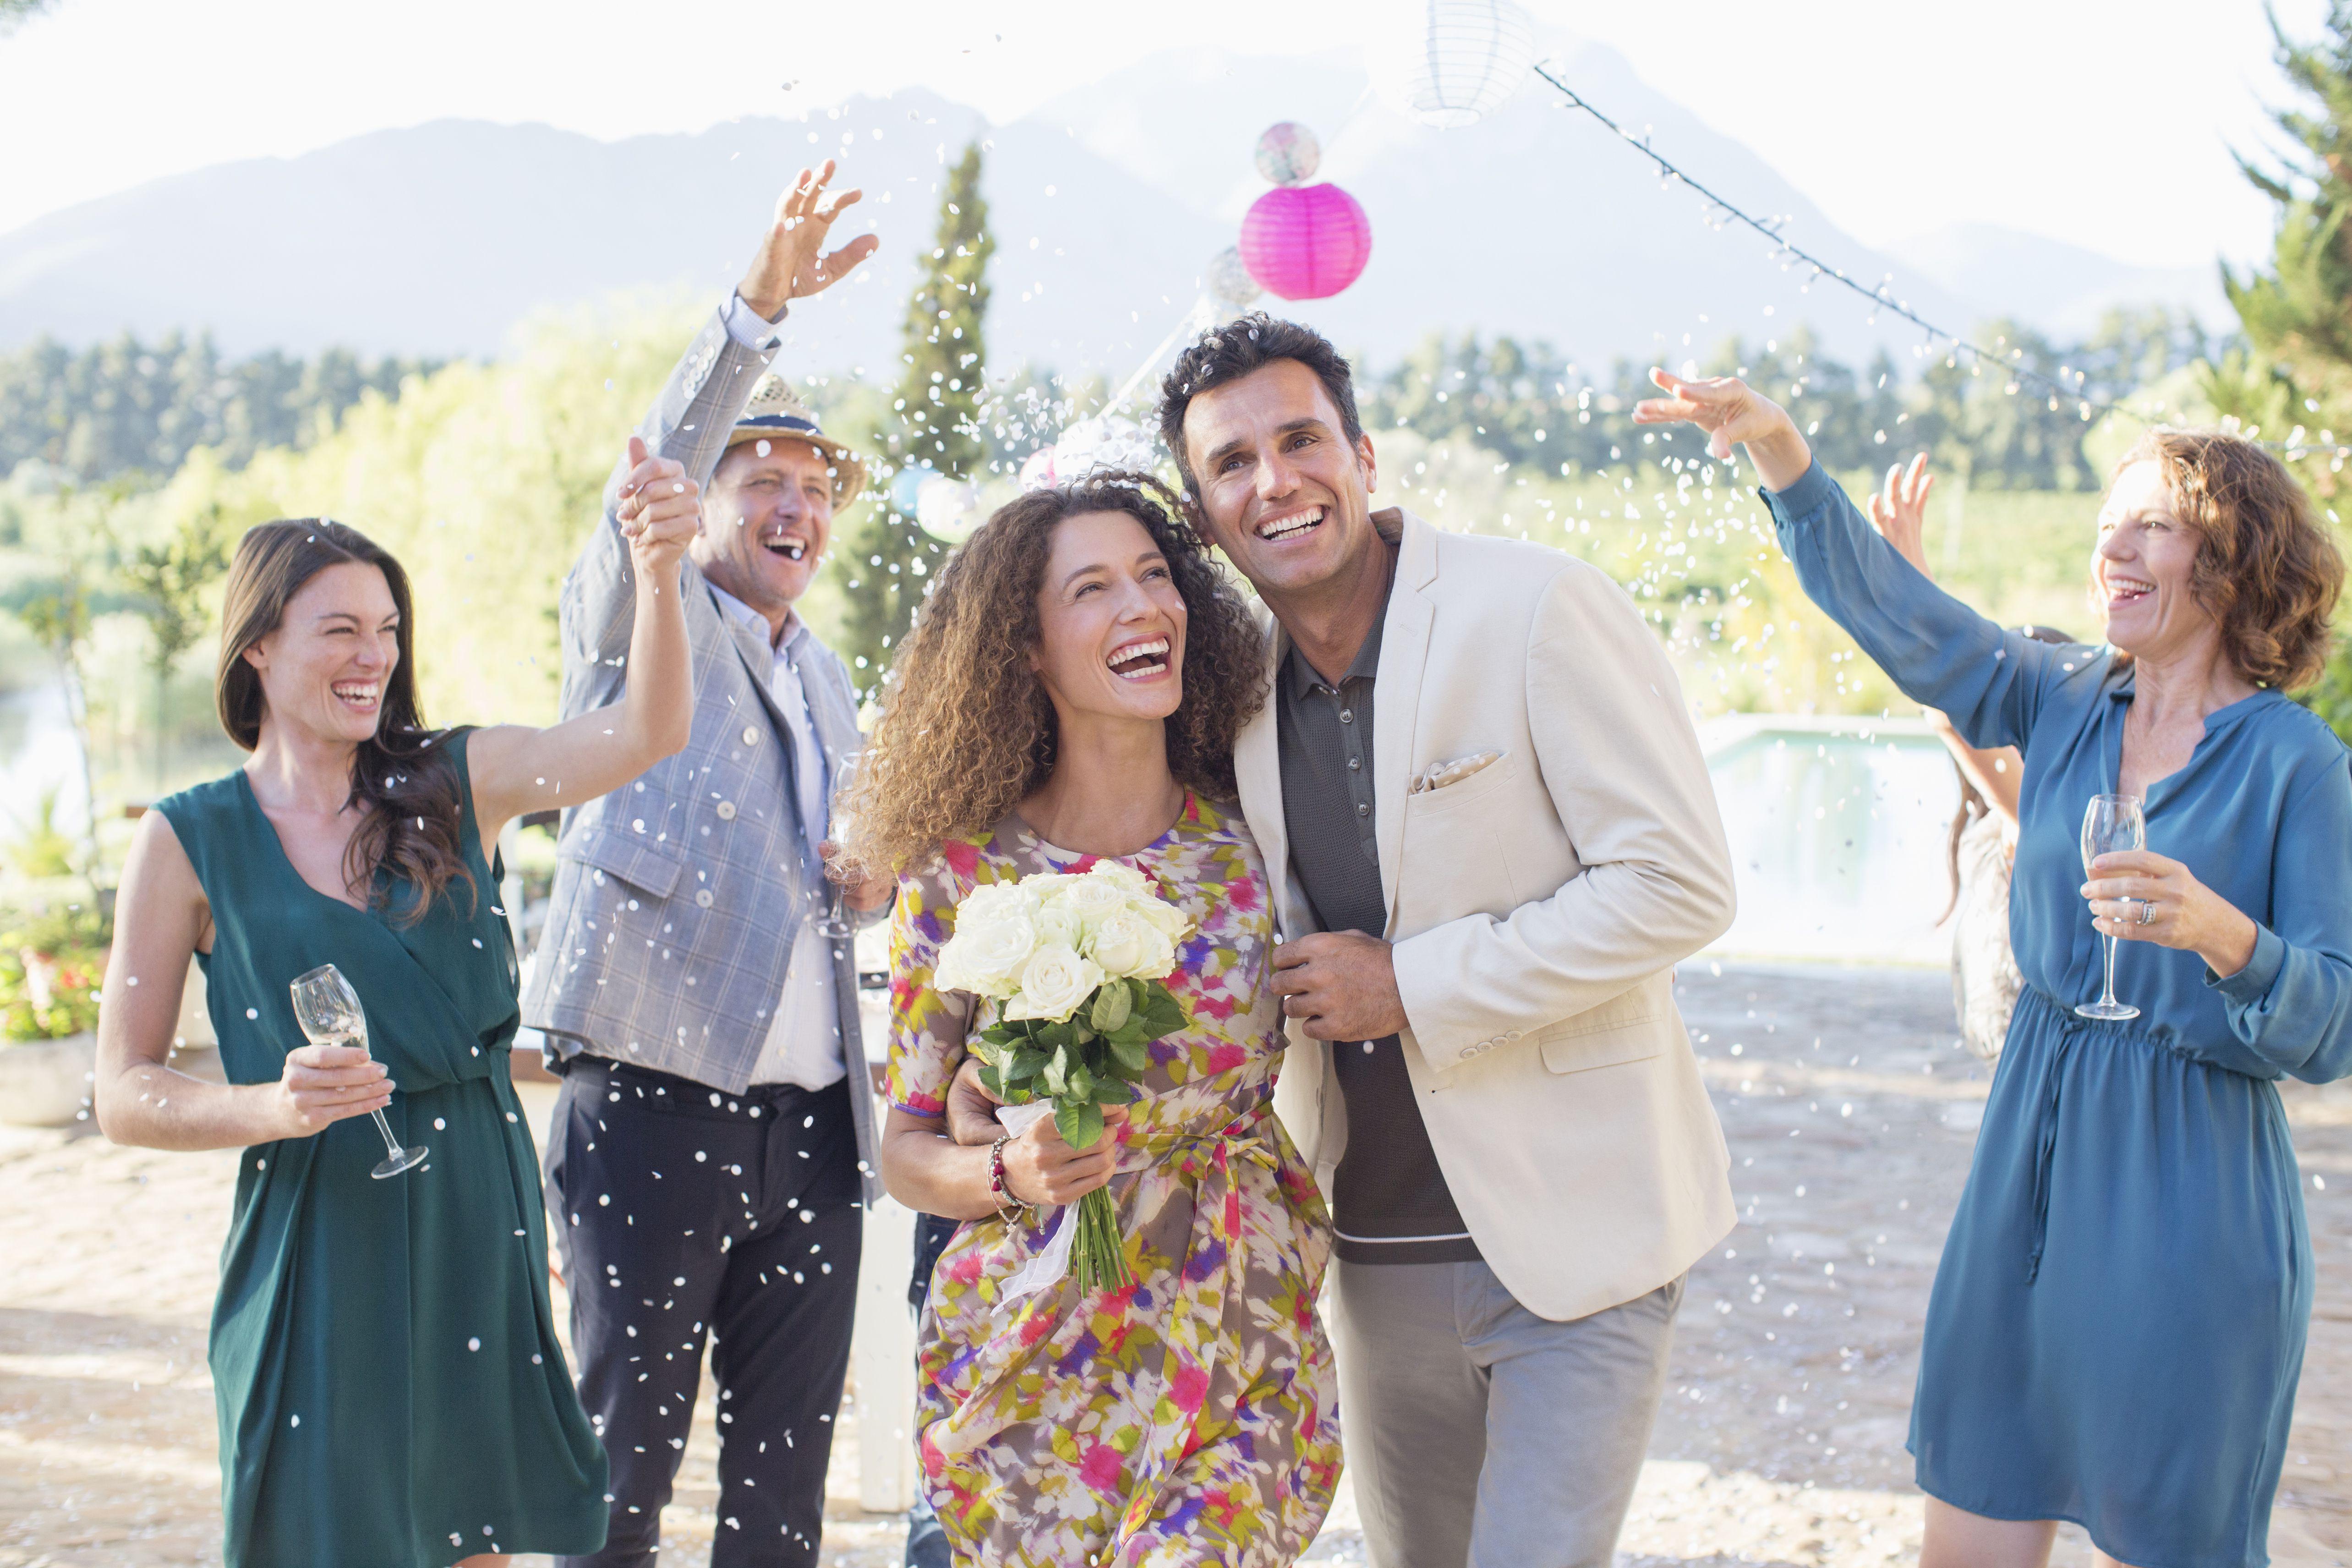 Una boda casual puede ser una celebración fabulosa y super relajada.